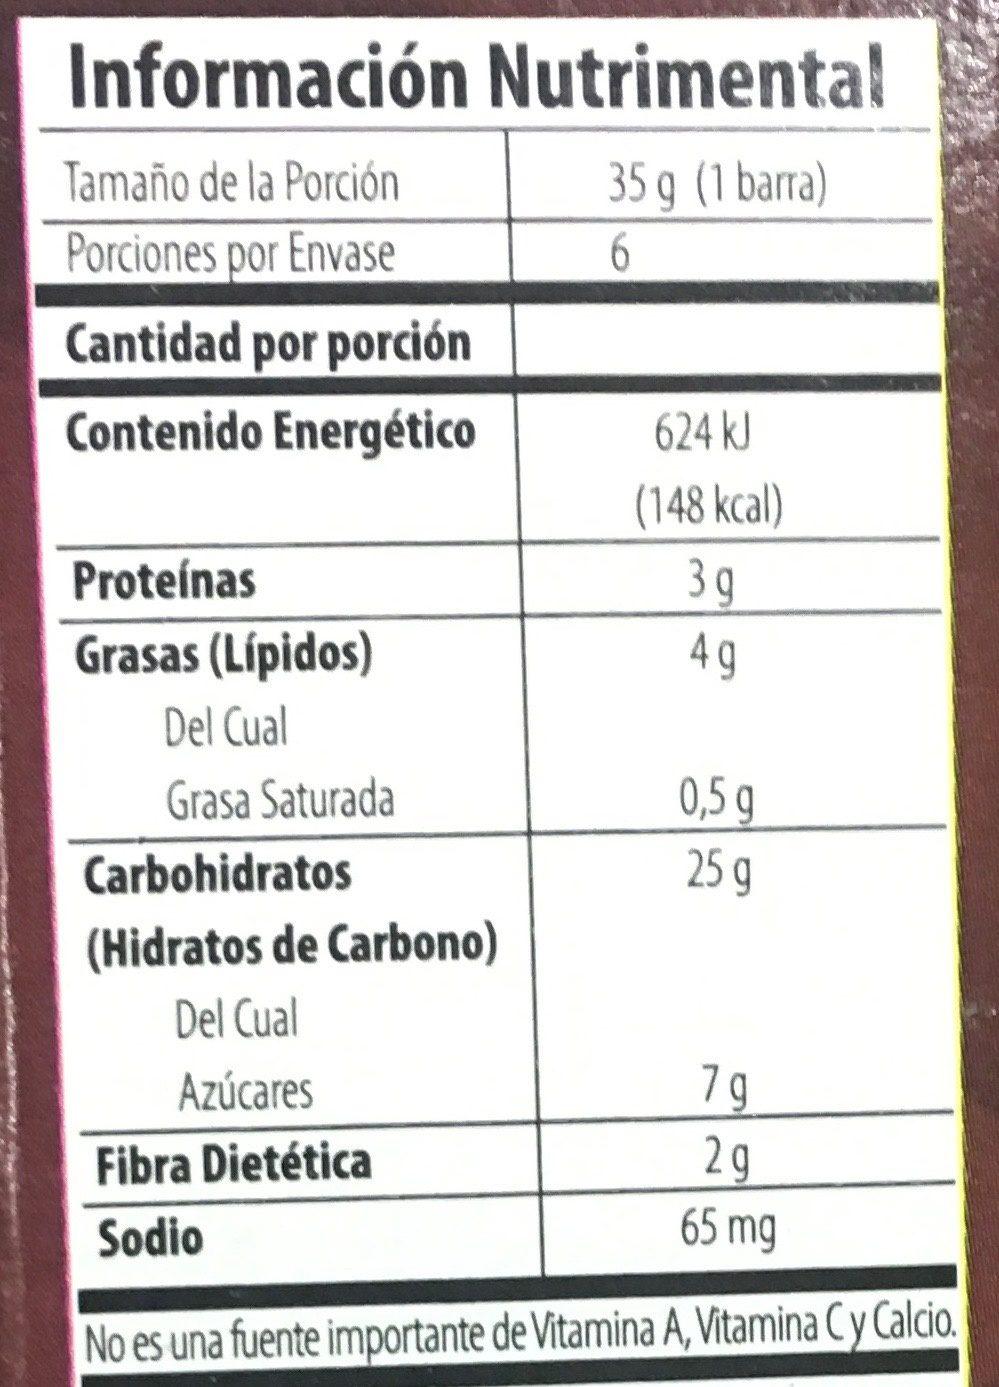 Trail Mix barras de granola suave - Voedingswaarden - es